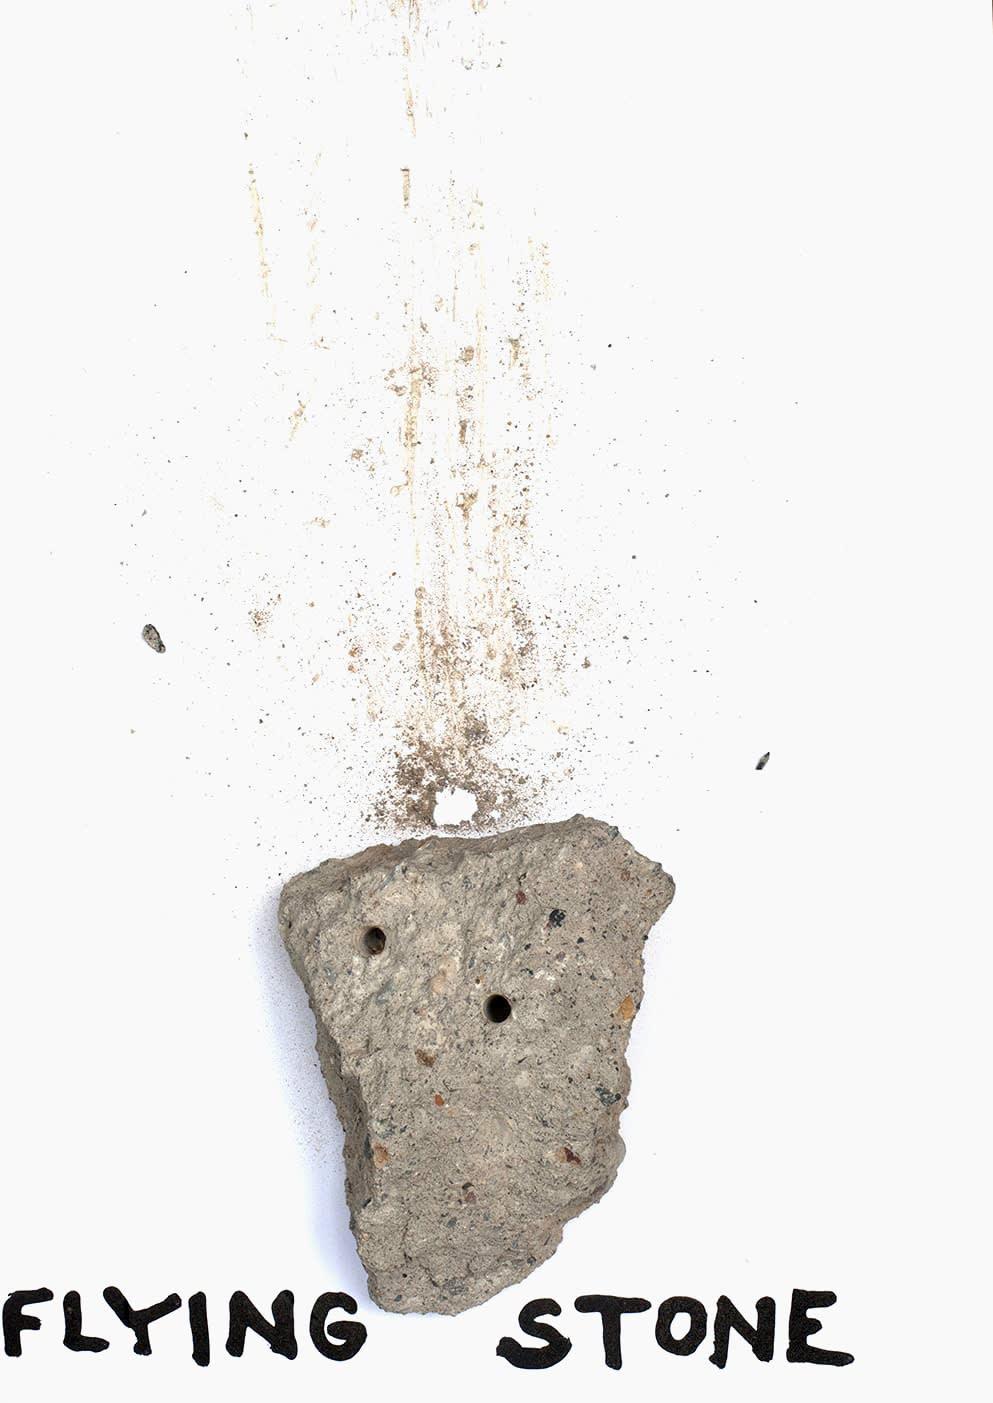 Krištof Kintera, Flying stone, 2019